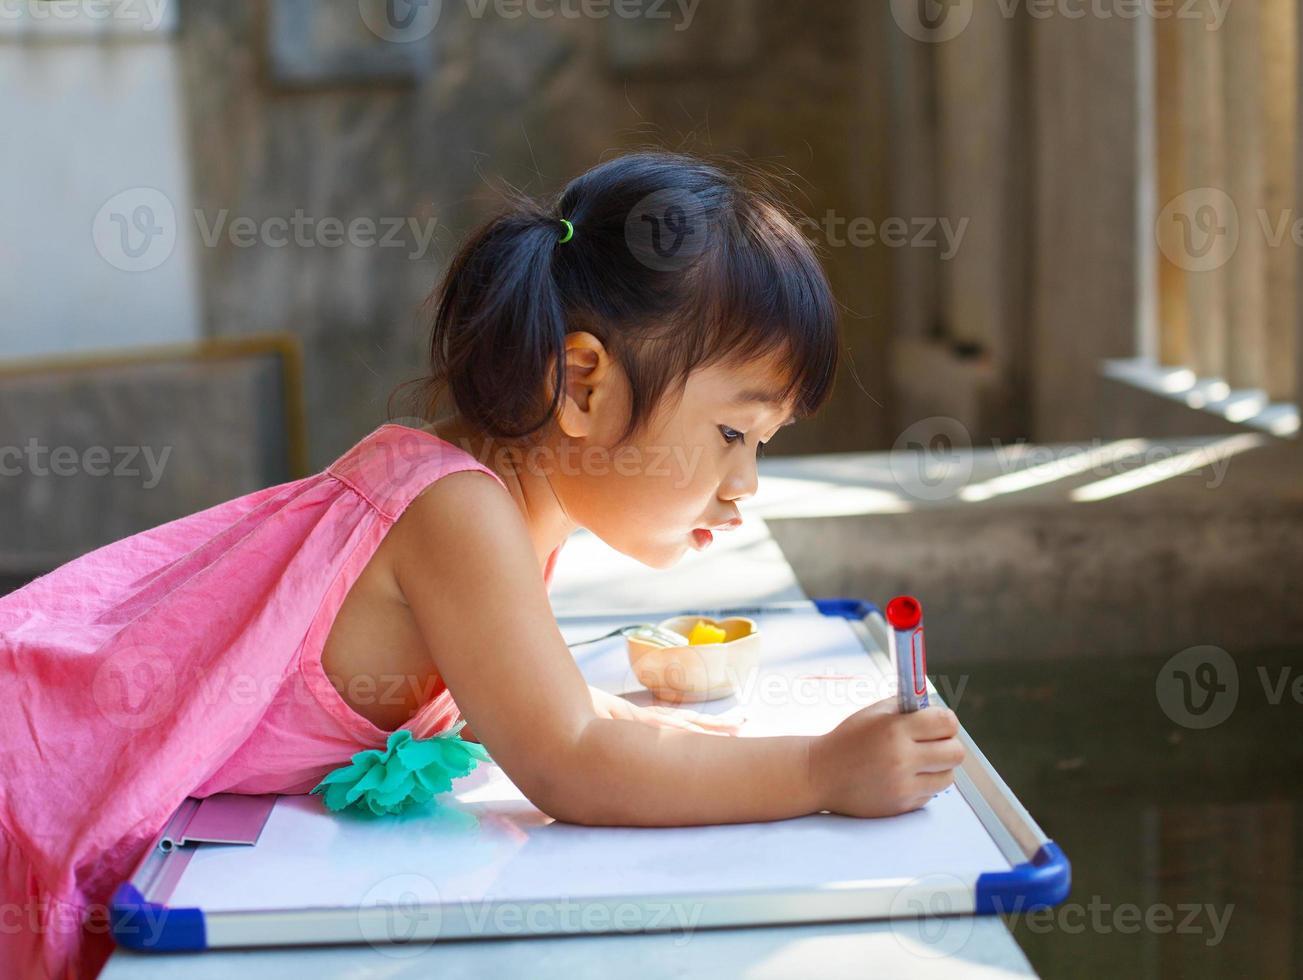 les enfants s'entraînent à écrire avant d'aller à l'école photo